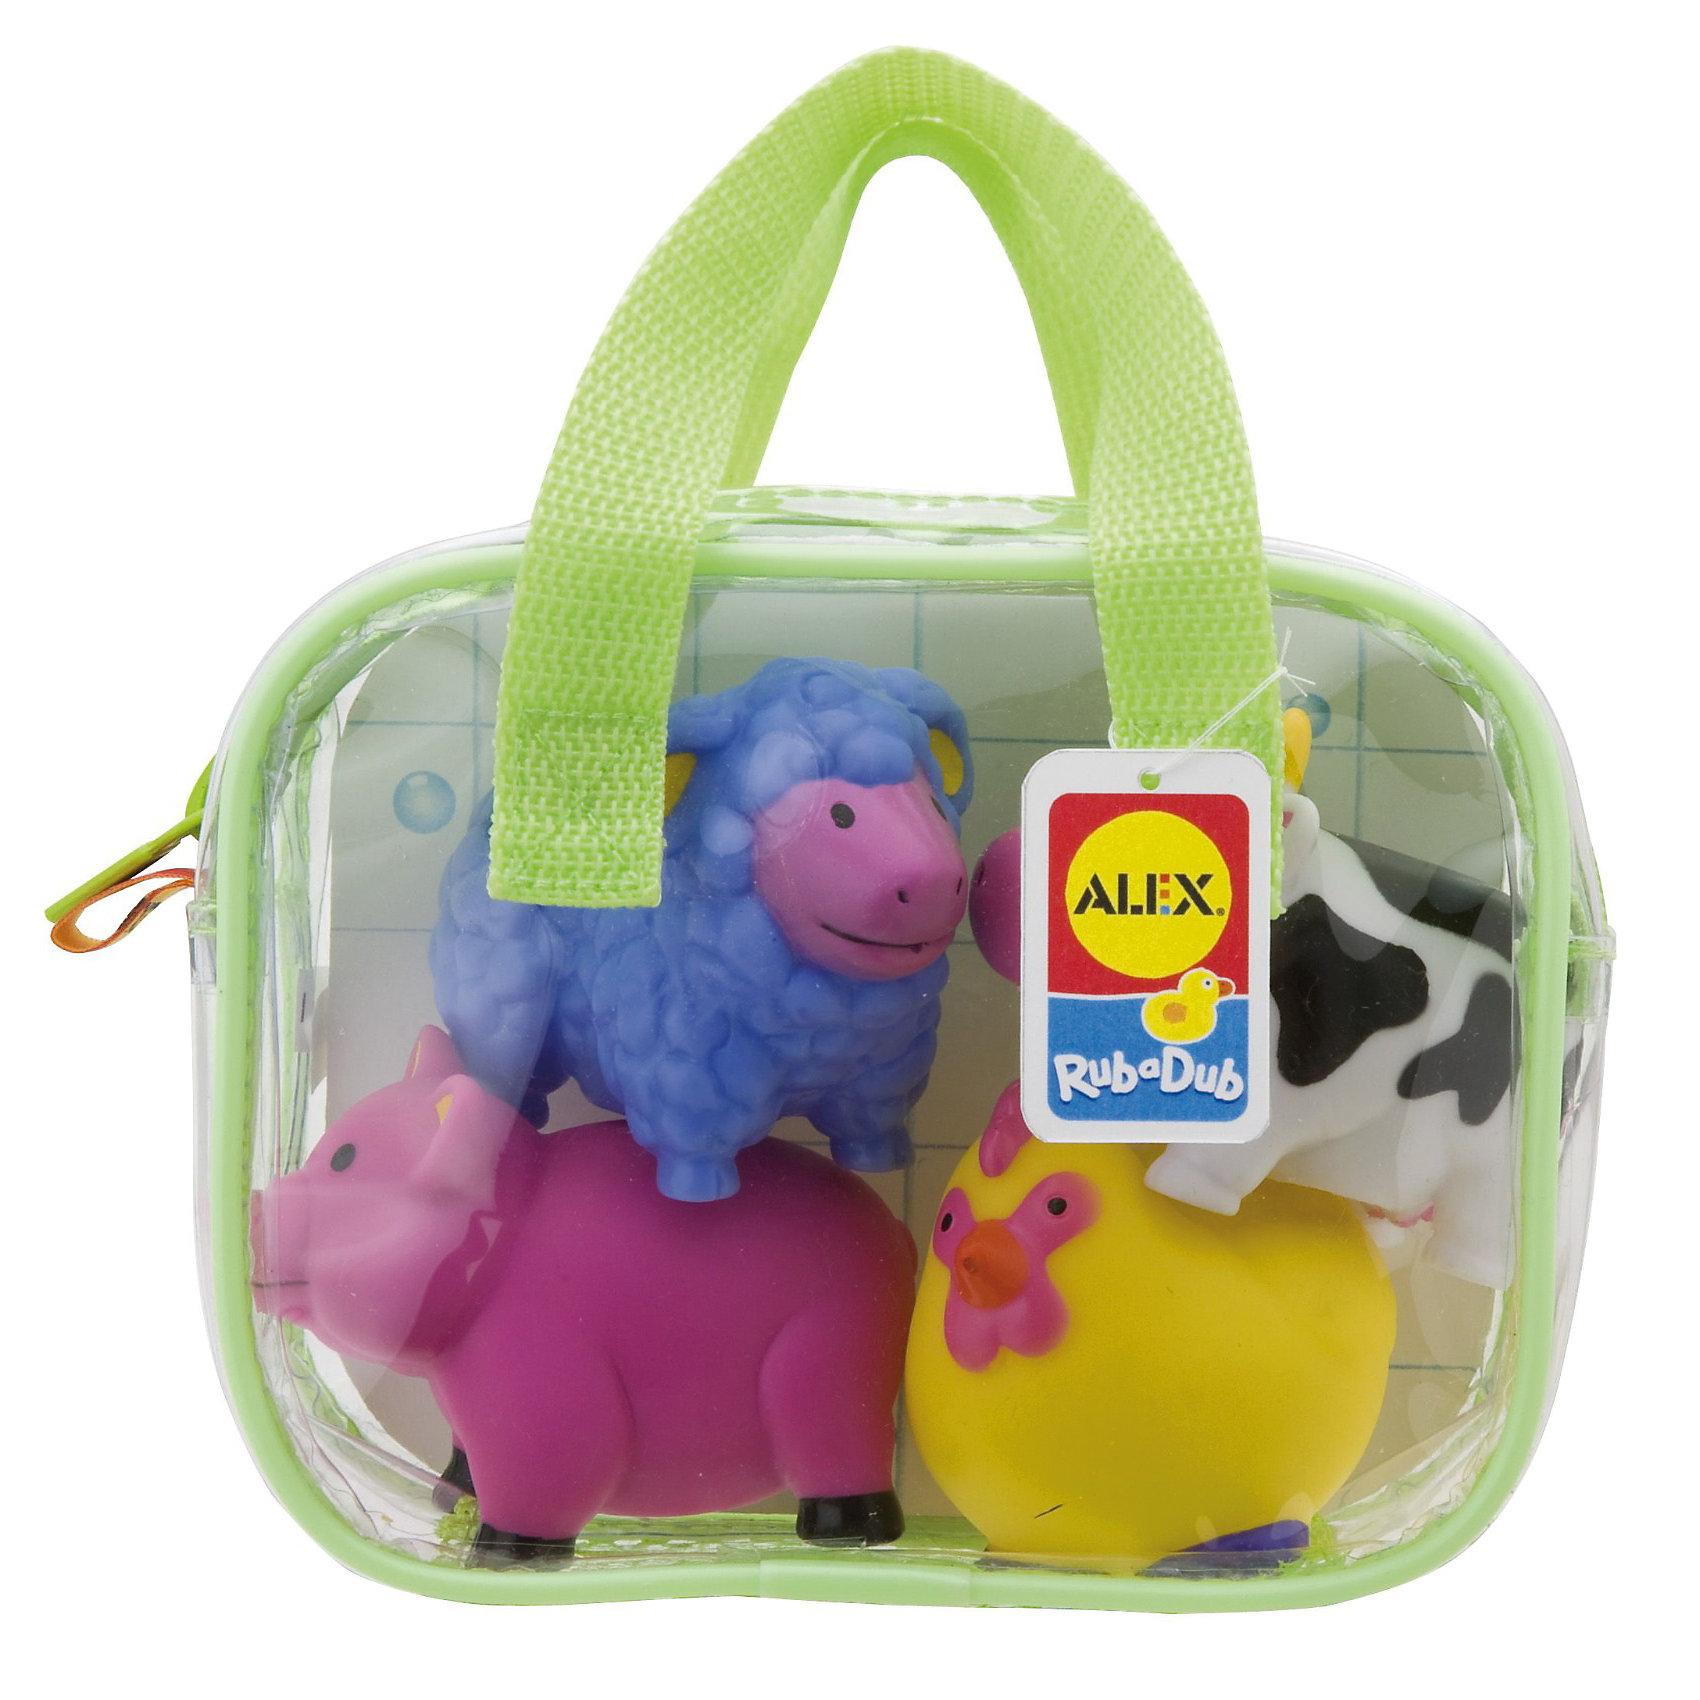 Игрушки для ванной ФермаИгрушки для ванны Ферма замечательная игра для ванной. <br>Яркие игрушки для ванной из набора Ферма станут отличным развлечением для вашего малыша!<br>В наборе 4 веселые разноцветные игрушки брызгалки-пищалки:  овечка, поросенок, коровка и цыпленок. Плавают в воде. Их удобно хранить в пластиковой сумке на молнии, с ручками.<br><br>Дополнительная информация:<br>- Материал: резина<br>- Размеры упаковки: 75х160х125 см<br>- Вес: 212 г.<br><br>Игрушка для ванной Ферма станет отличным подарком для Вашего ребенка.<br><br>Игрушку для ванной Ферма можно купить в нашем интернет-магазине.<br><br>Ширина мм: 172<br>Глубина мм: 131<br>Высота мм: 69<br>Вес г: 152<br>Возраст от месяцев: 12<br>Возраст до месяцев: 36<br>Пол: Унисекс<br>Возраст: Детский<br>SKU: 2422324